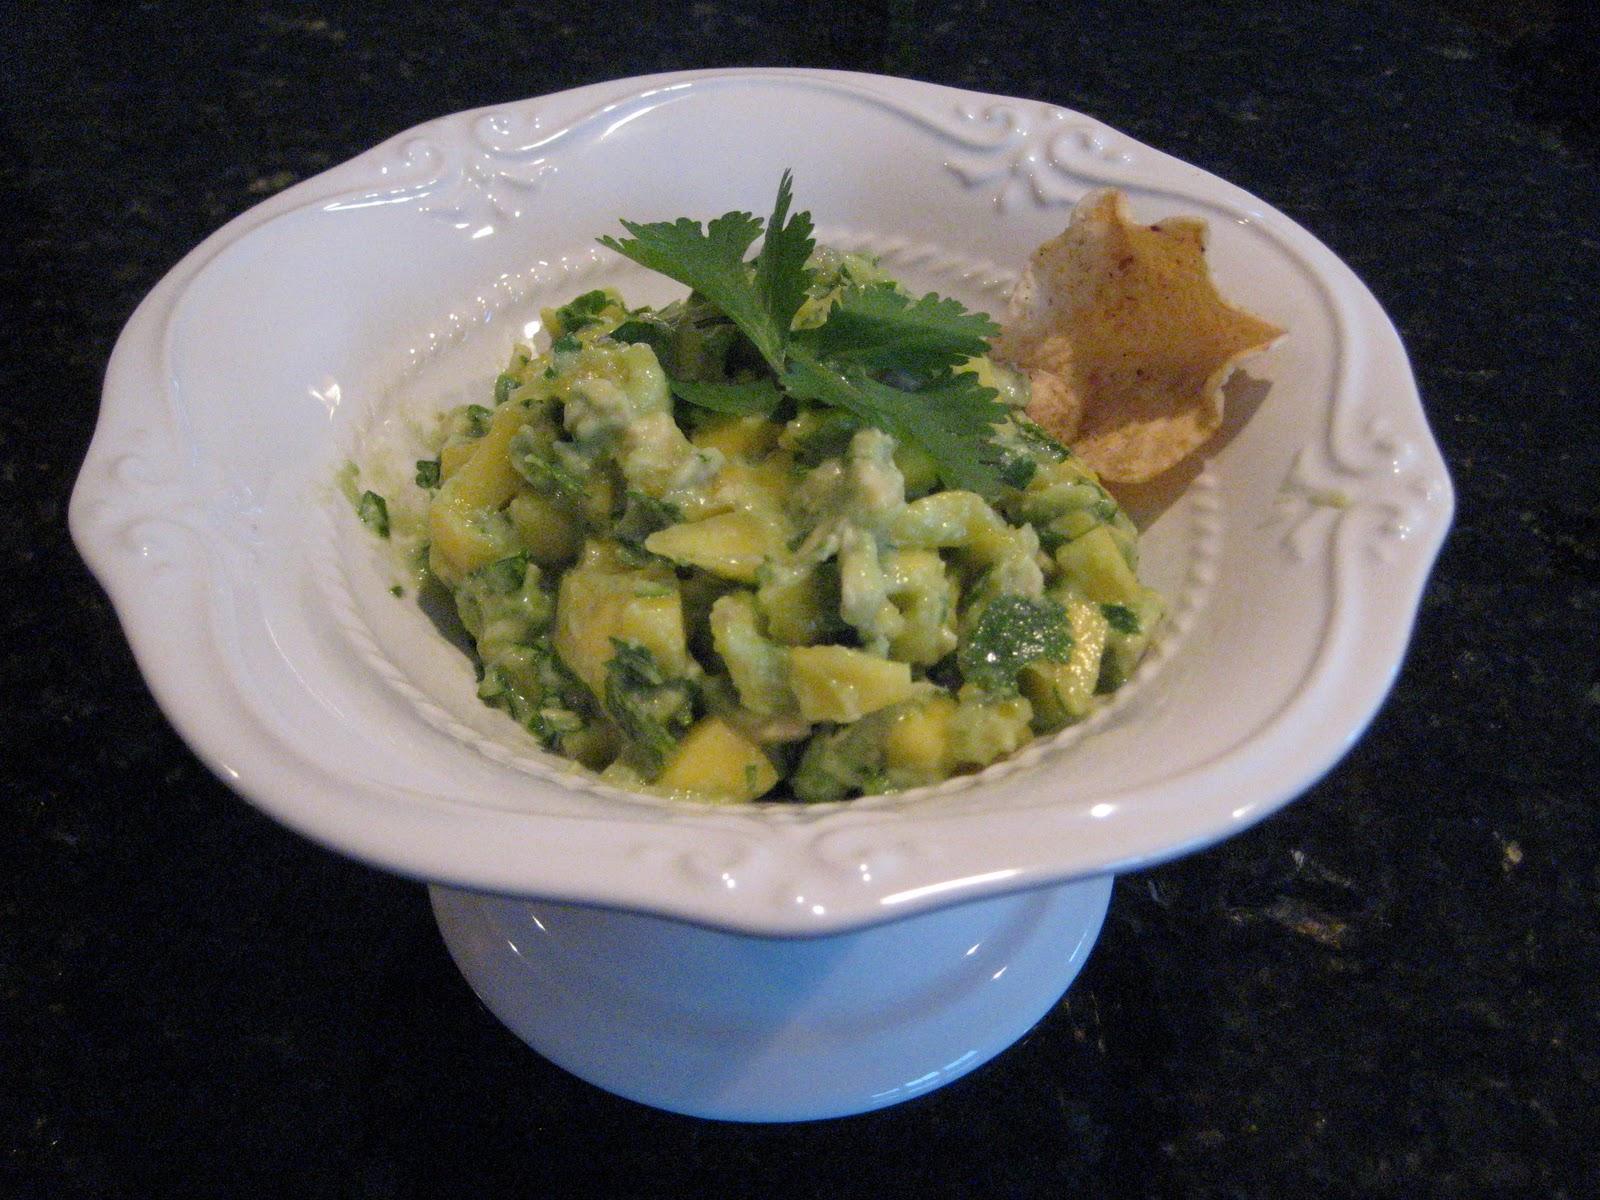 Guacamole in white bowl - Recipe for Mango Avocado Salsa